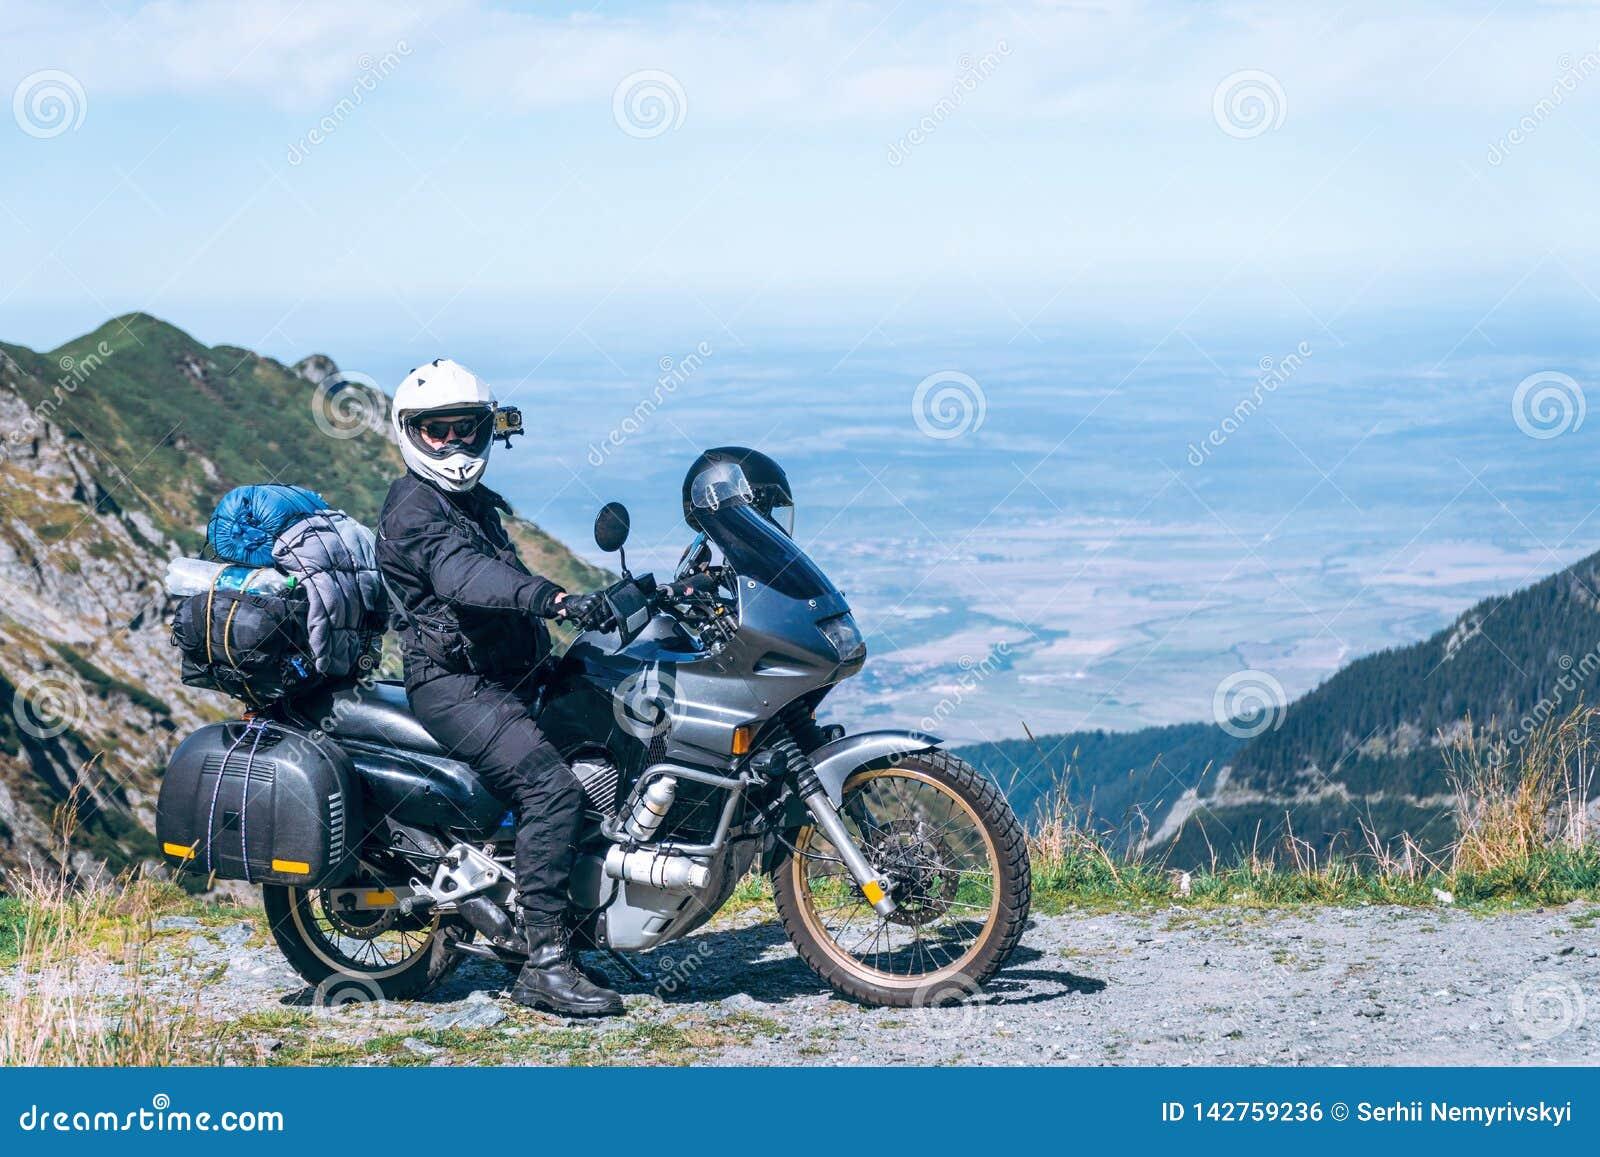 Il motociclista sta sedendosi sul suo motociclo di avventura, la montagna superiore nel fondo, enduro, fuori dalla strada, bella